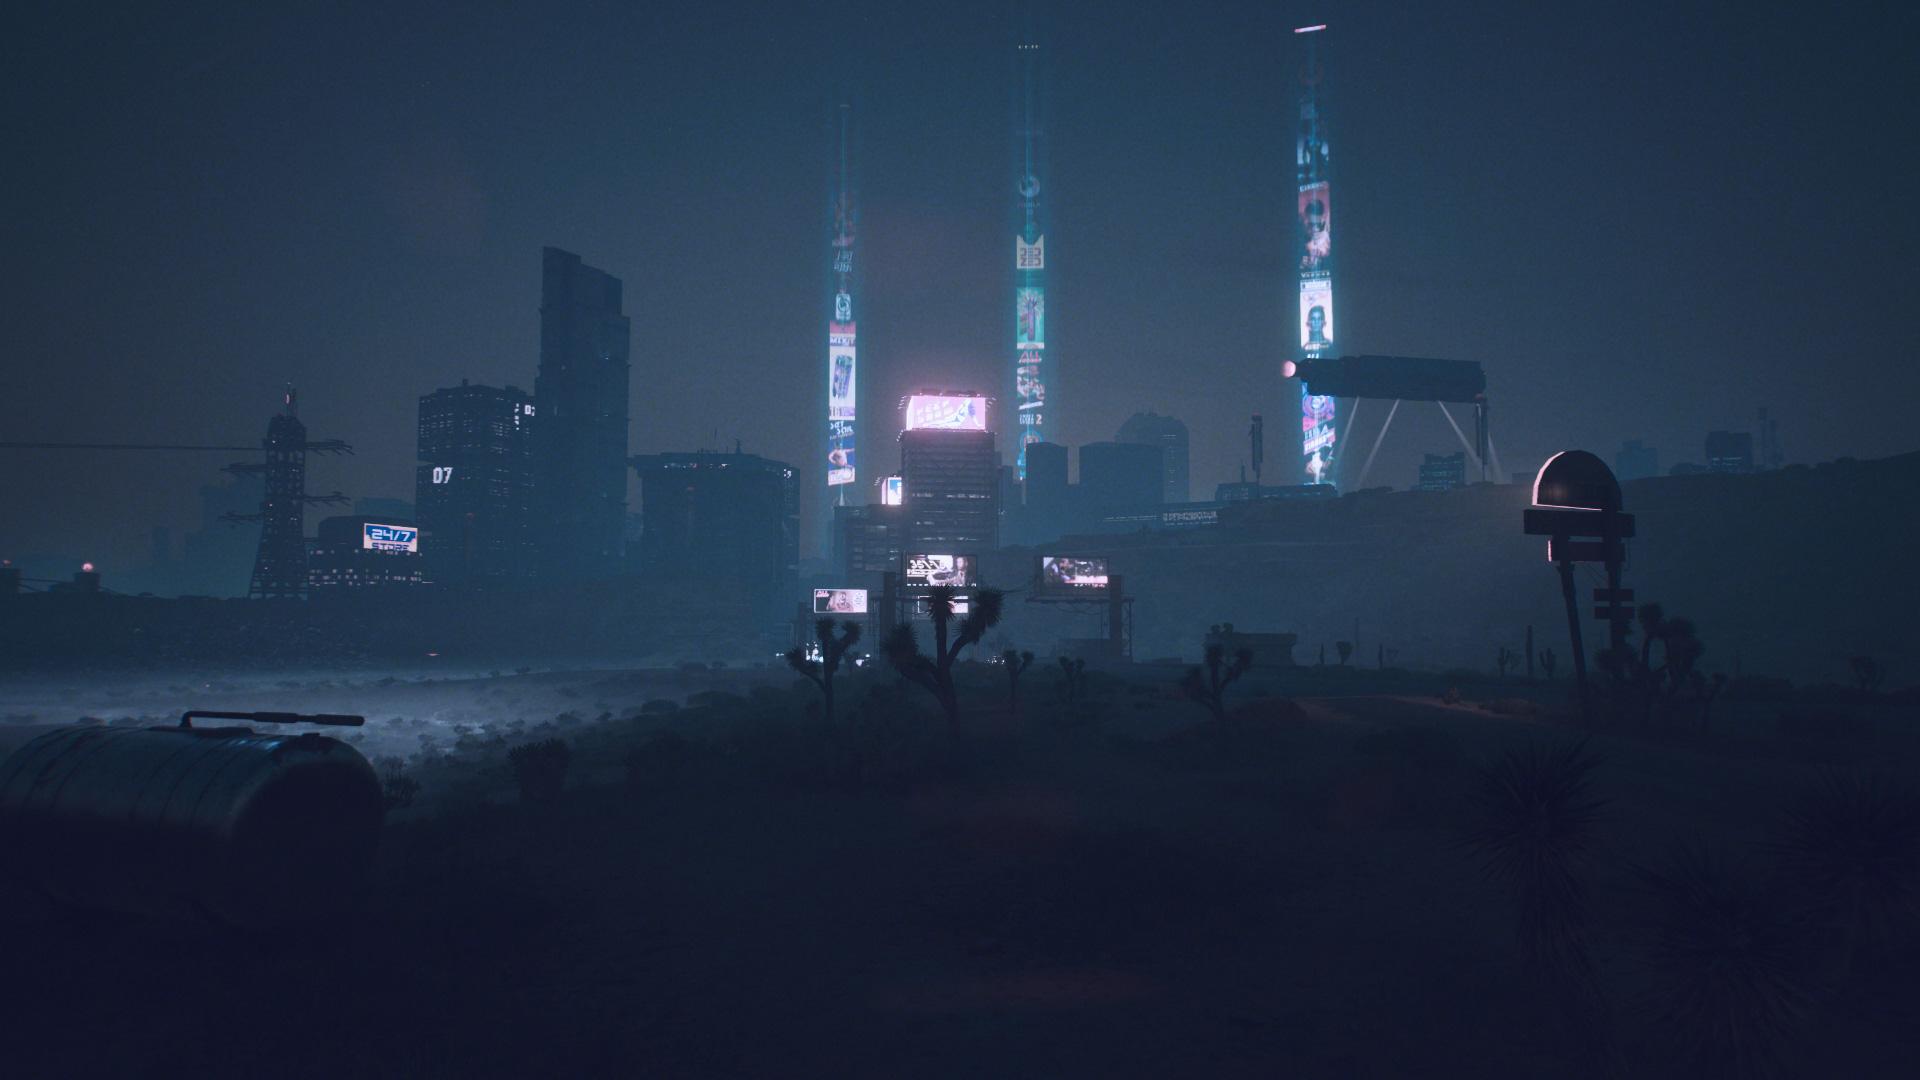 Meilleures façons de gagner de l'argent dans Cyberpunk 2077